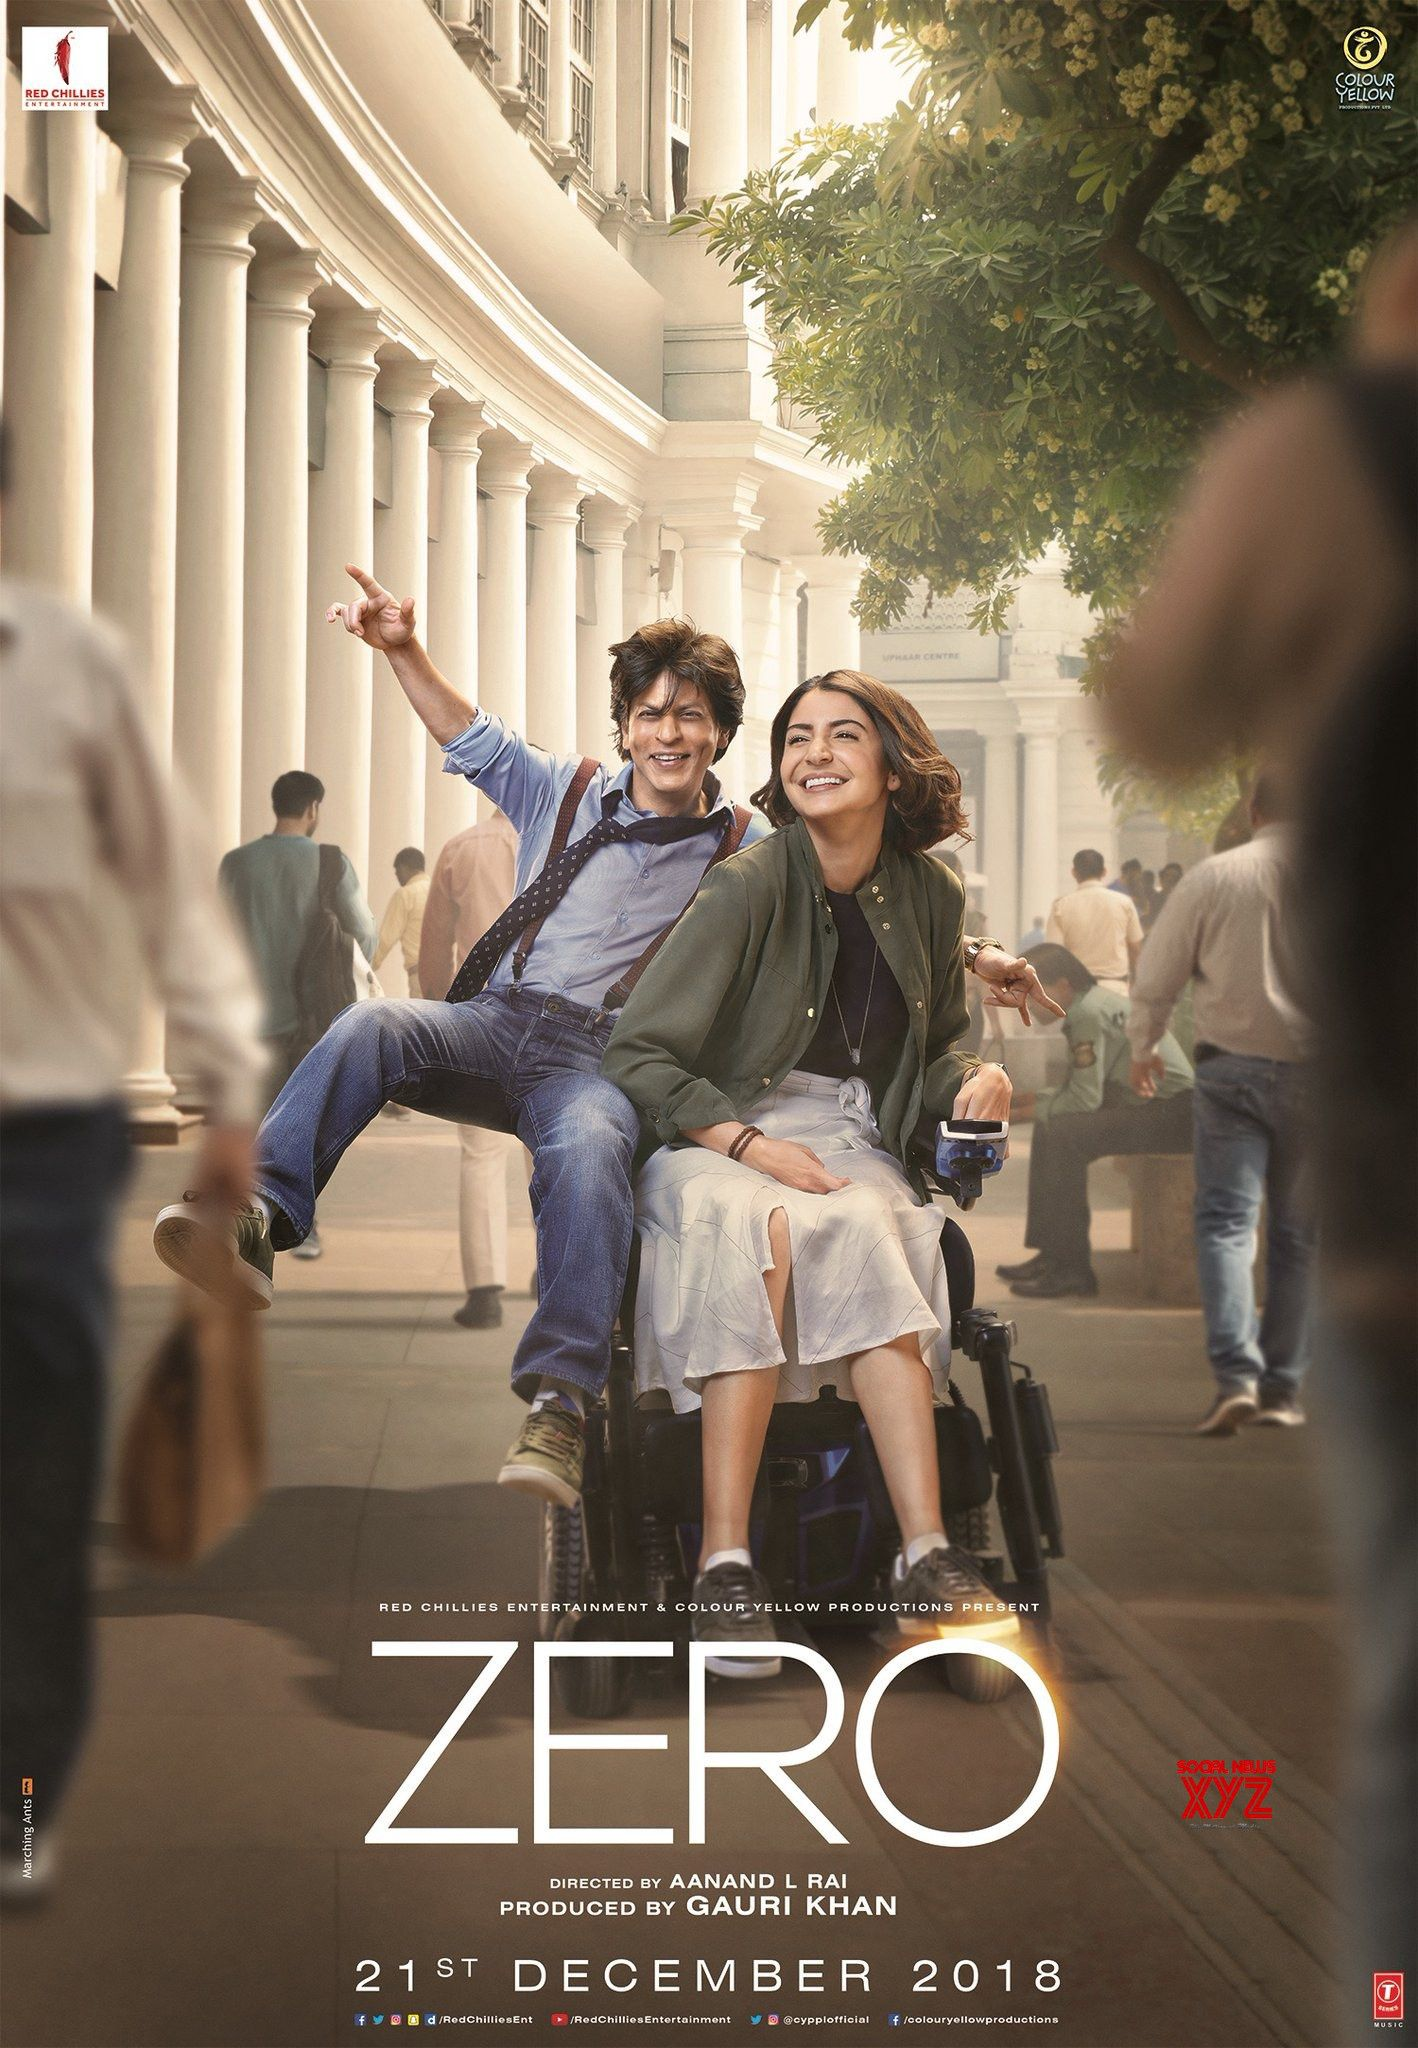 Zero Movie HD Posters - Social News XYZ